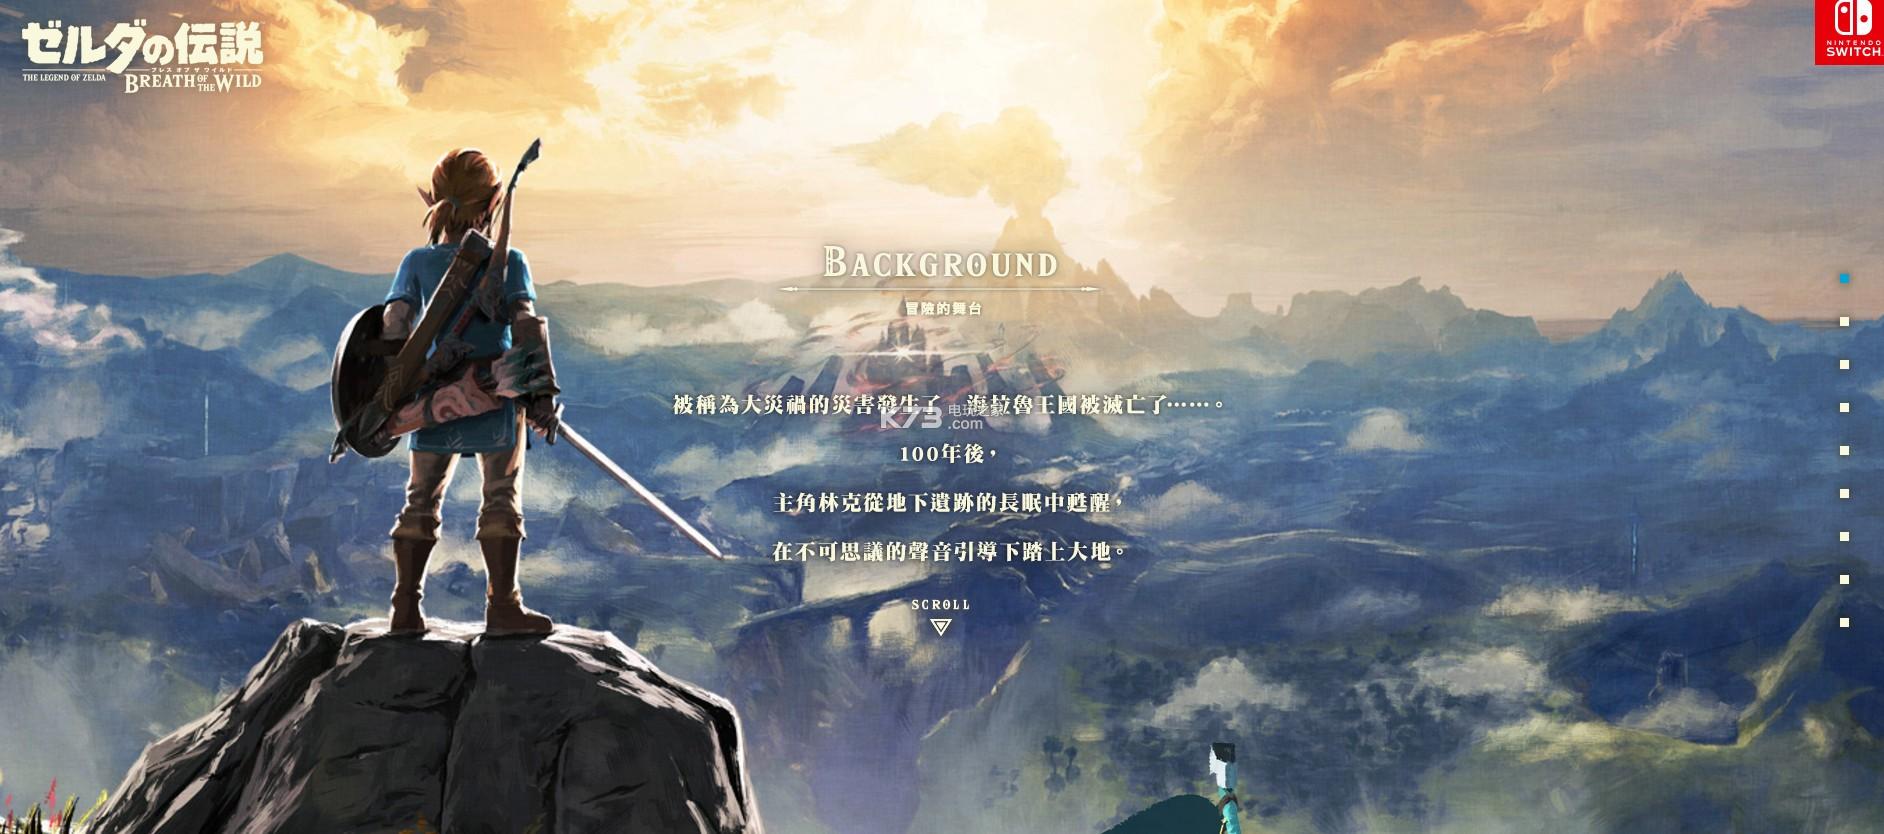 《塞尔达传说荒野之息》中文官网已经开放